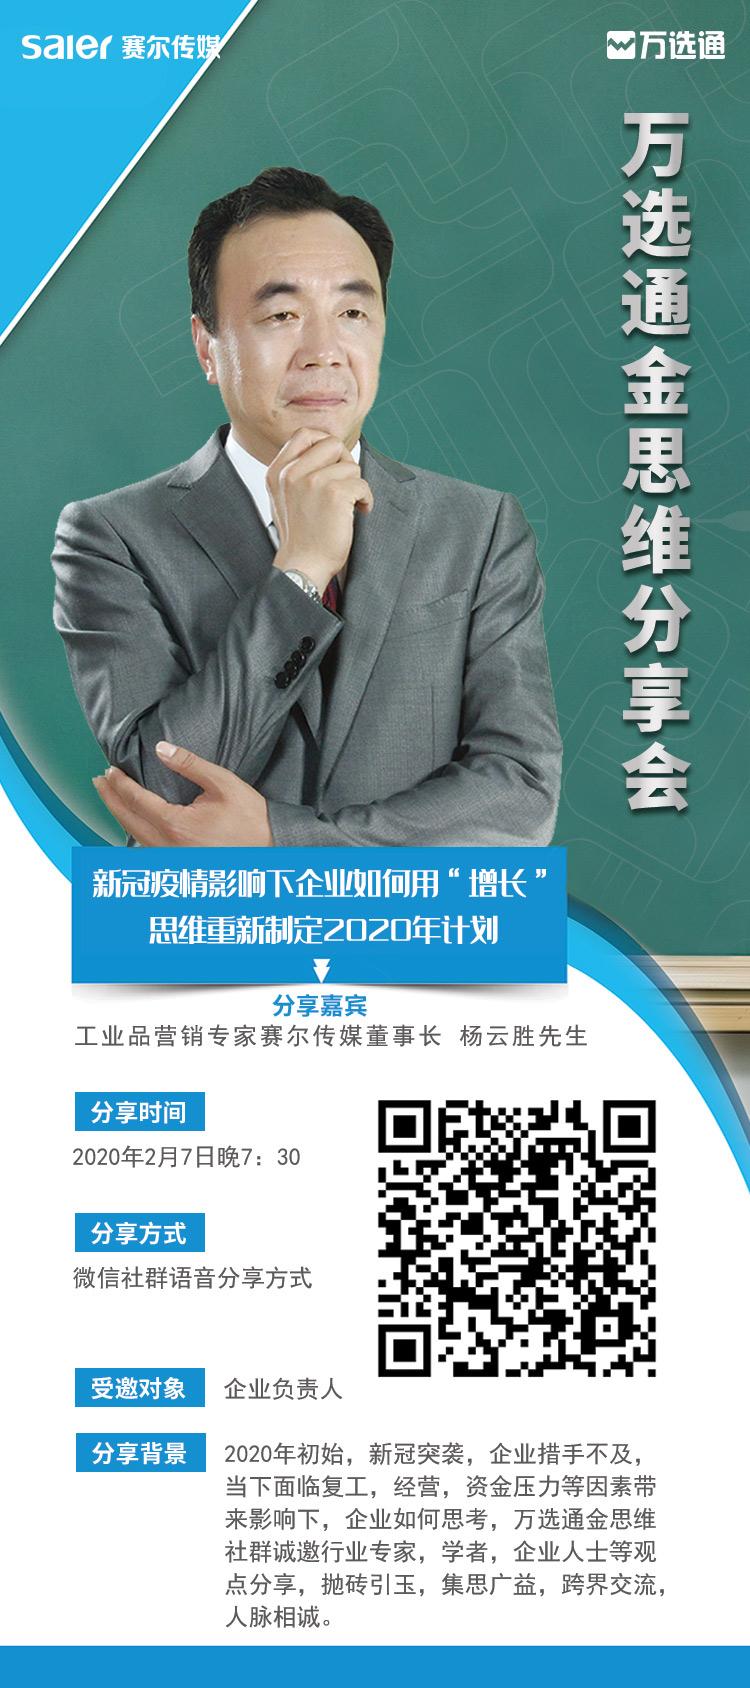 万选通金思维分享会海报)(1)(2)(1)(2).jpg